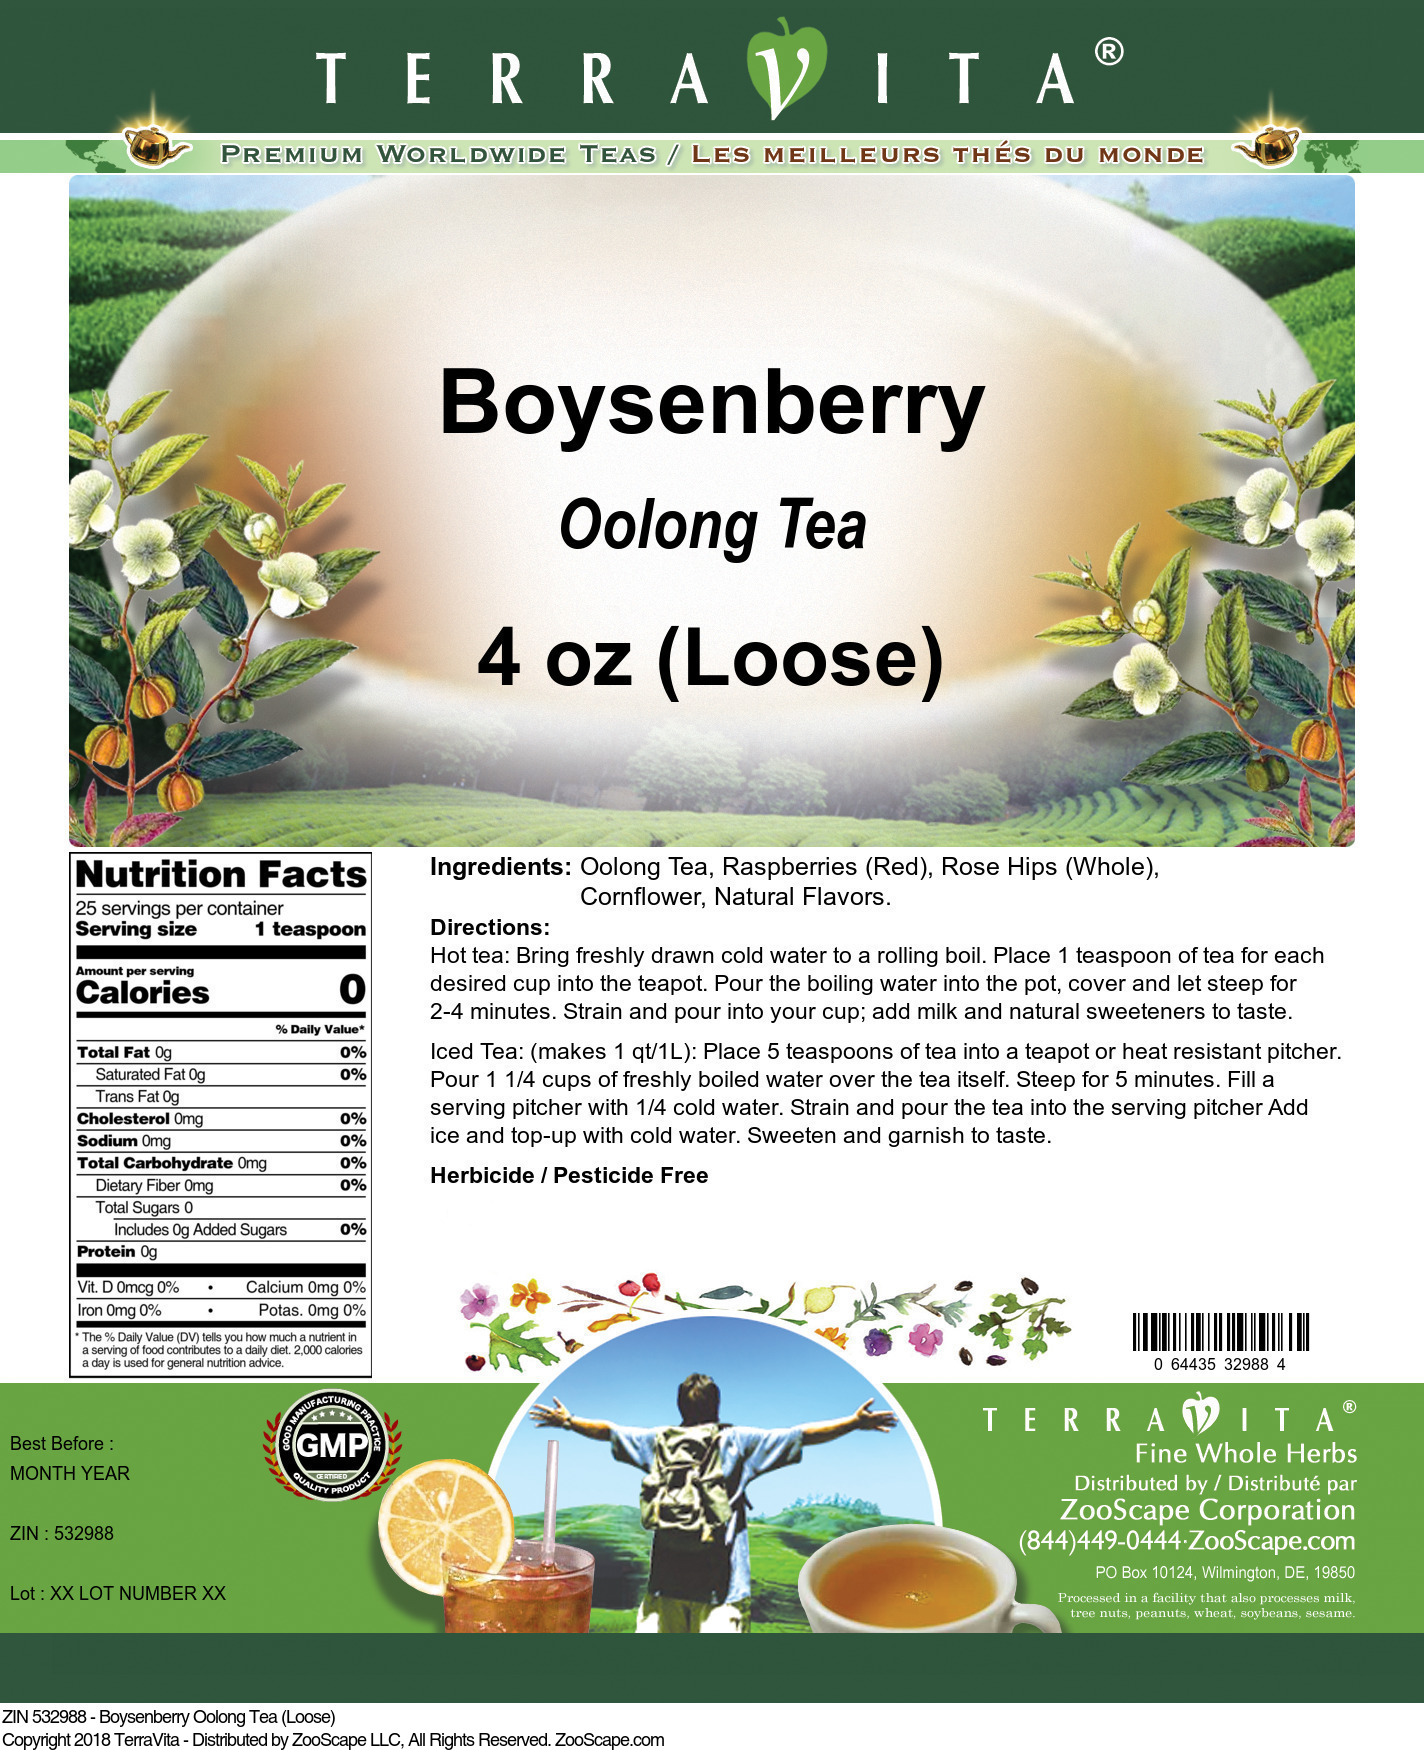 Boysenberry Oolong Tea